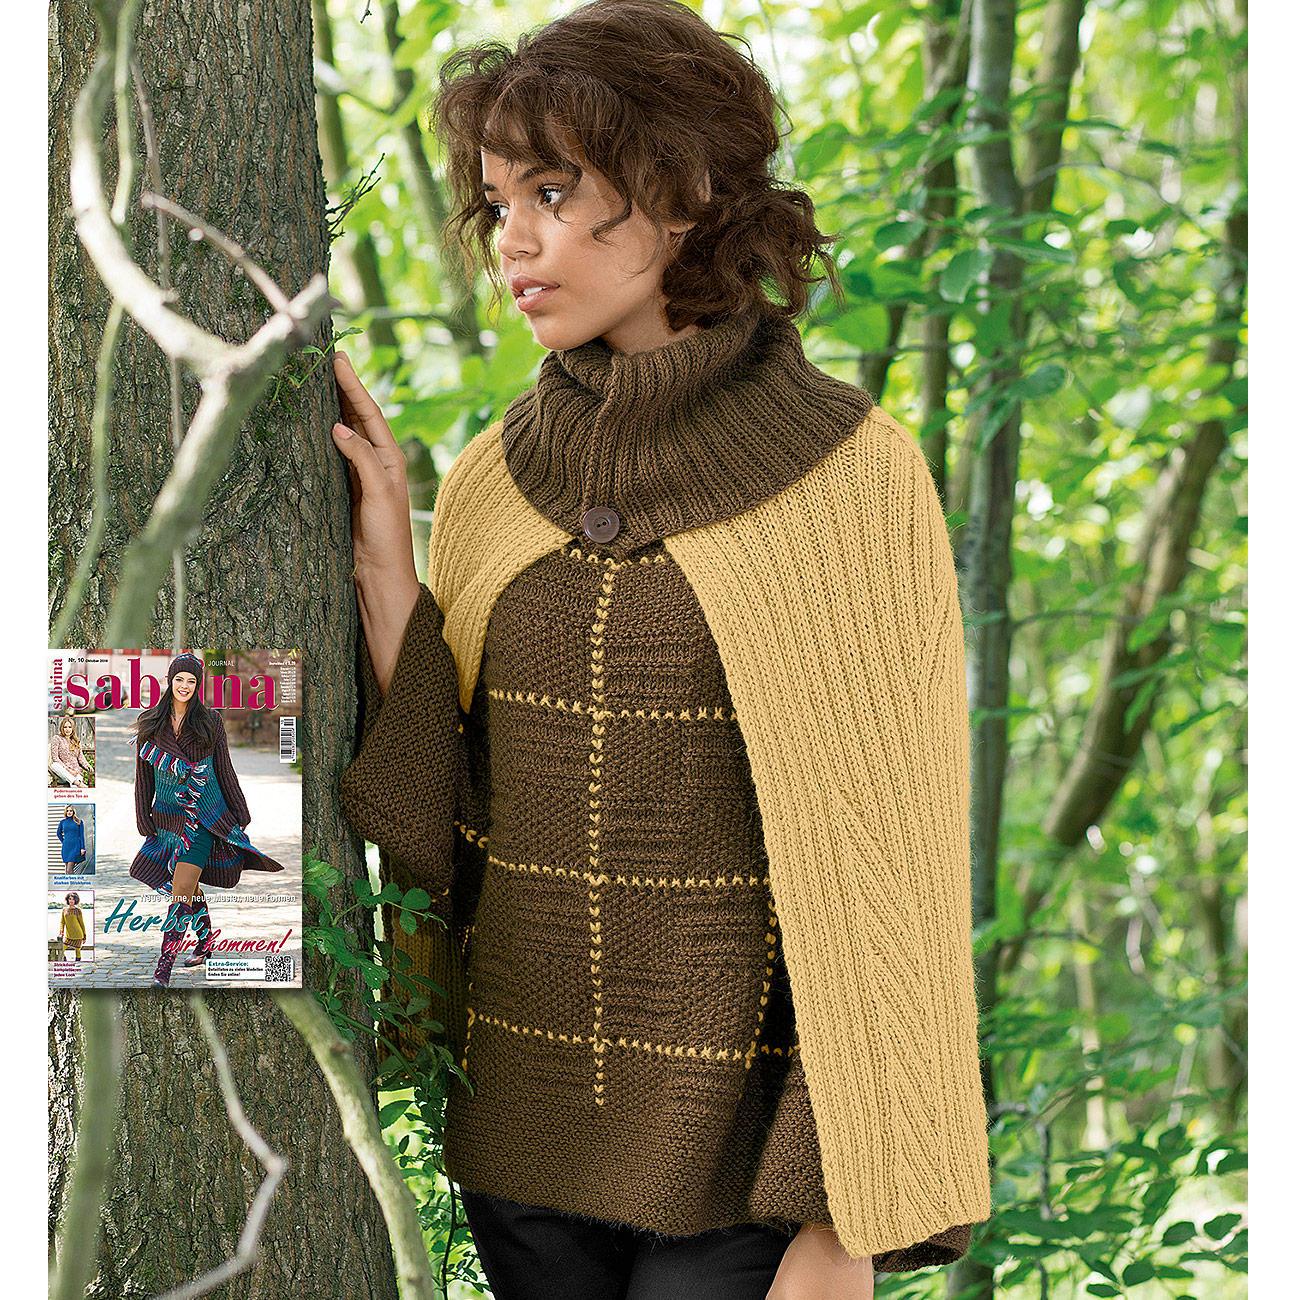 modell 035 5 pullover mit cape aus peru von junghans wolle 2 versch farben. Black Bedroom Furniture Sets. Home Design Ideas